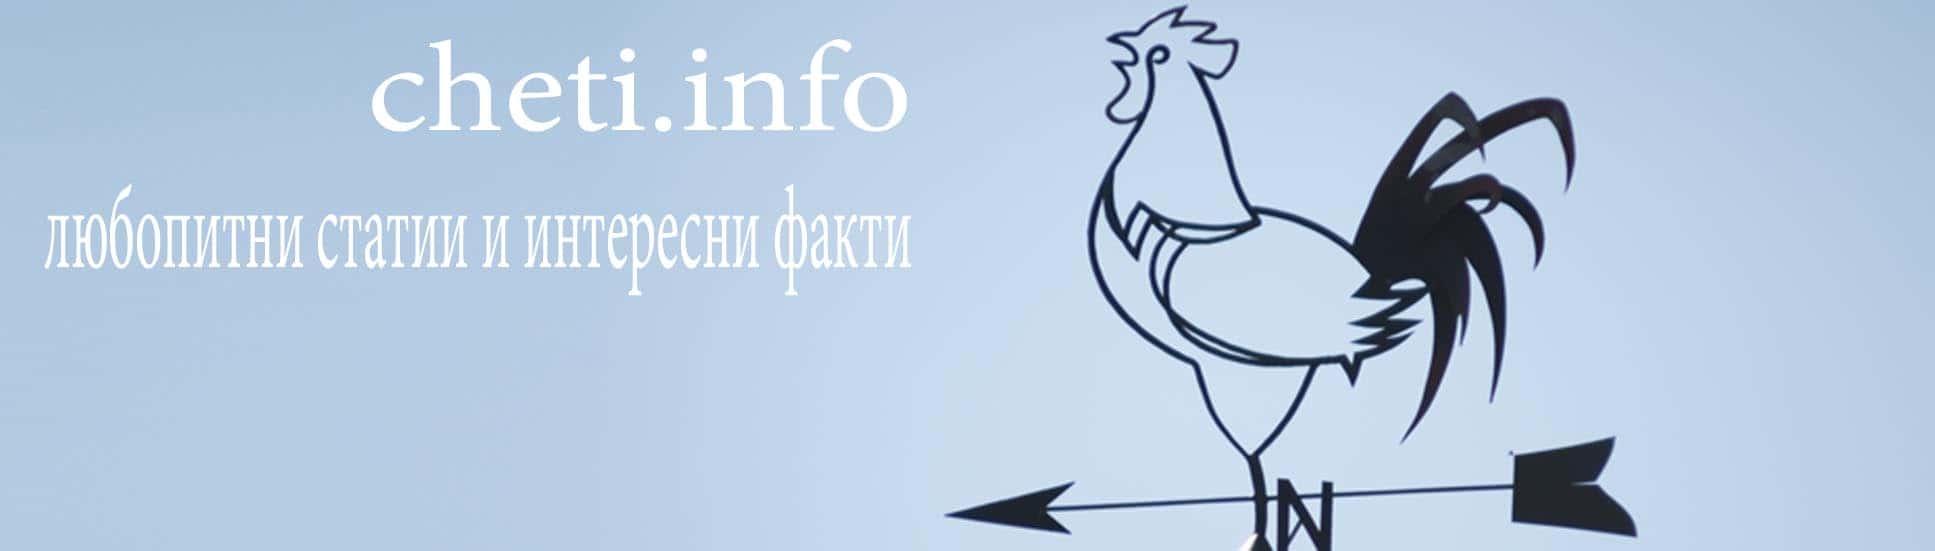 cheti.info